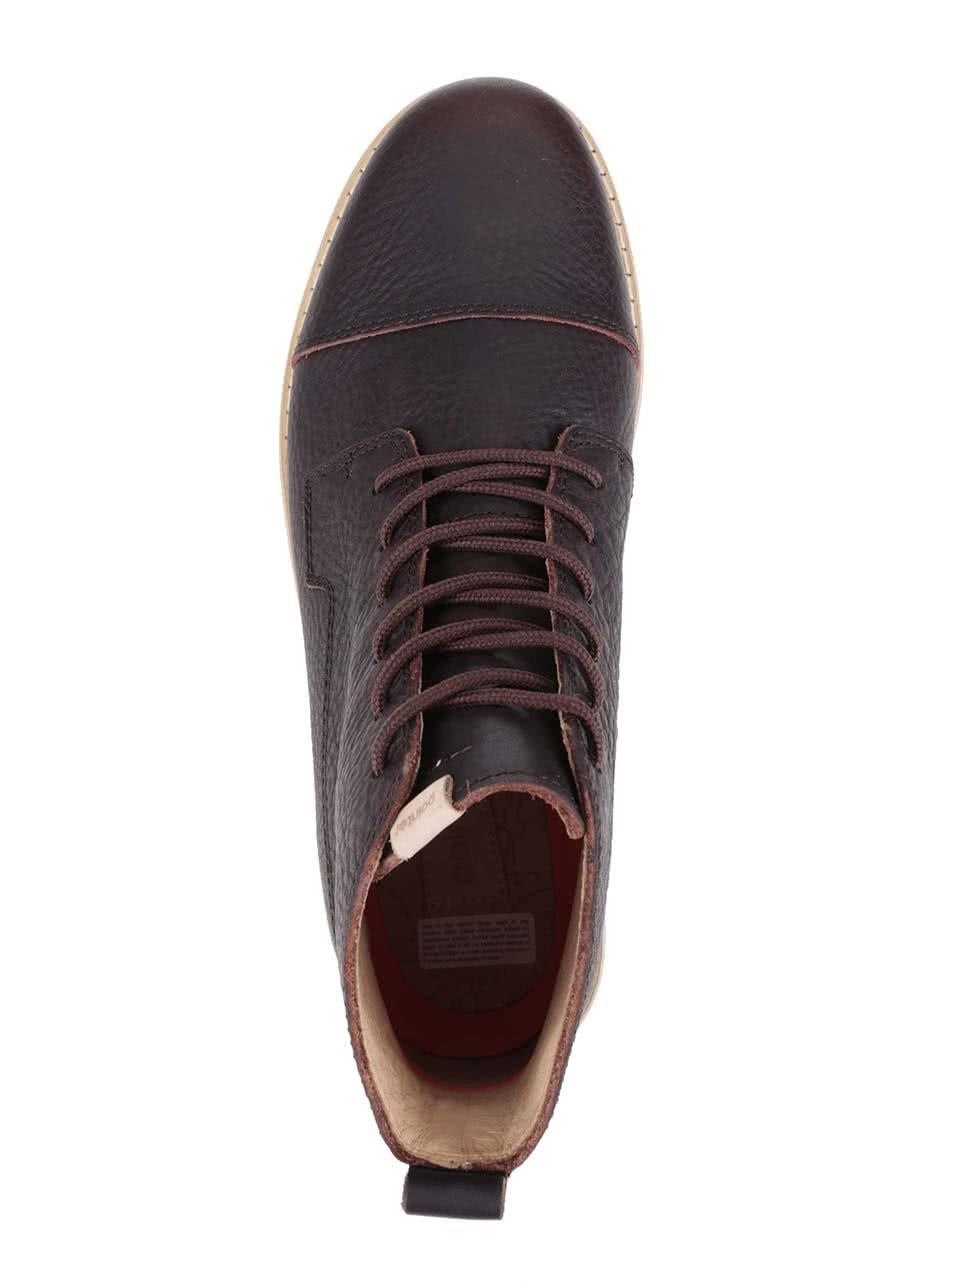 Tmavě hnědé pánské kožené kotníkové boty Pointer Willard ... 87b5cecc57